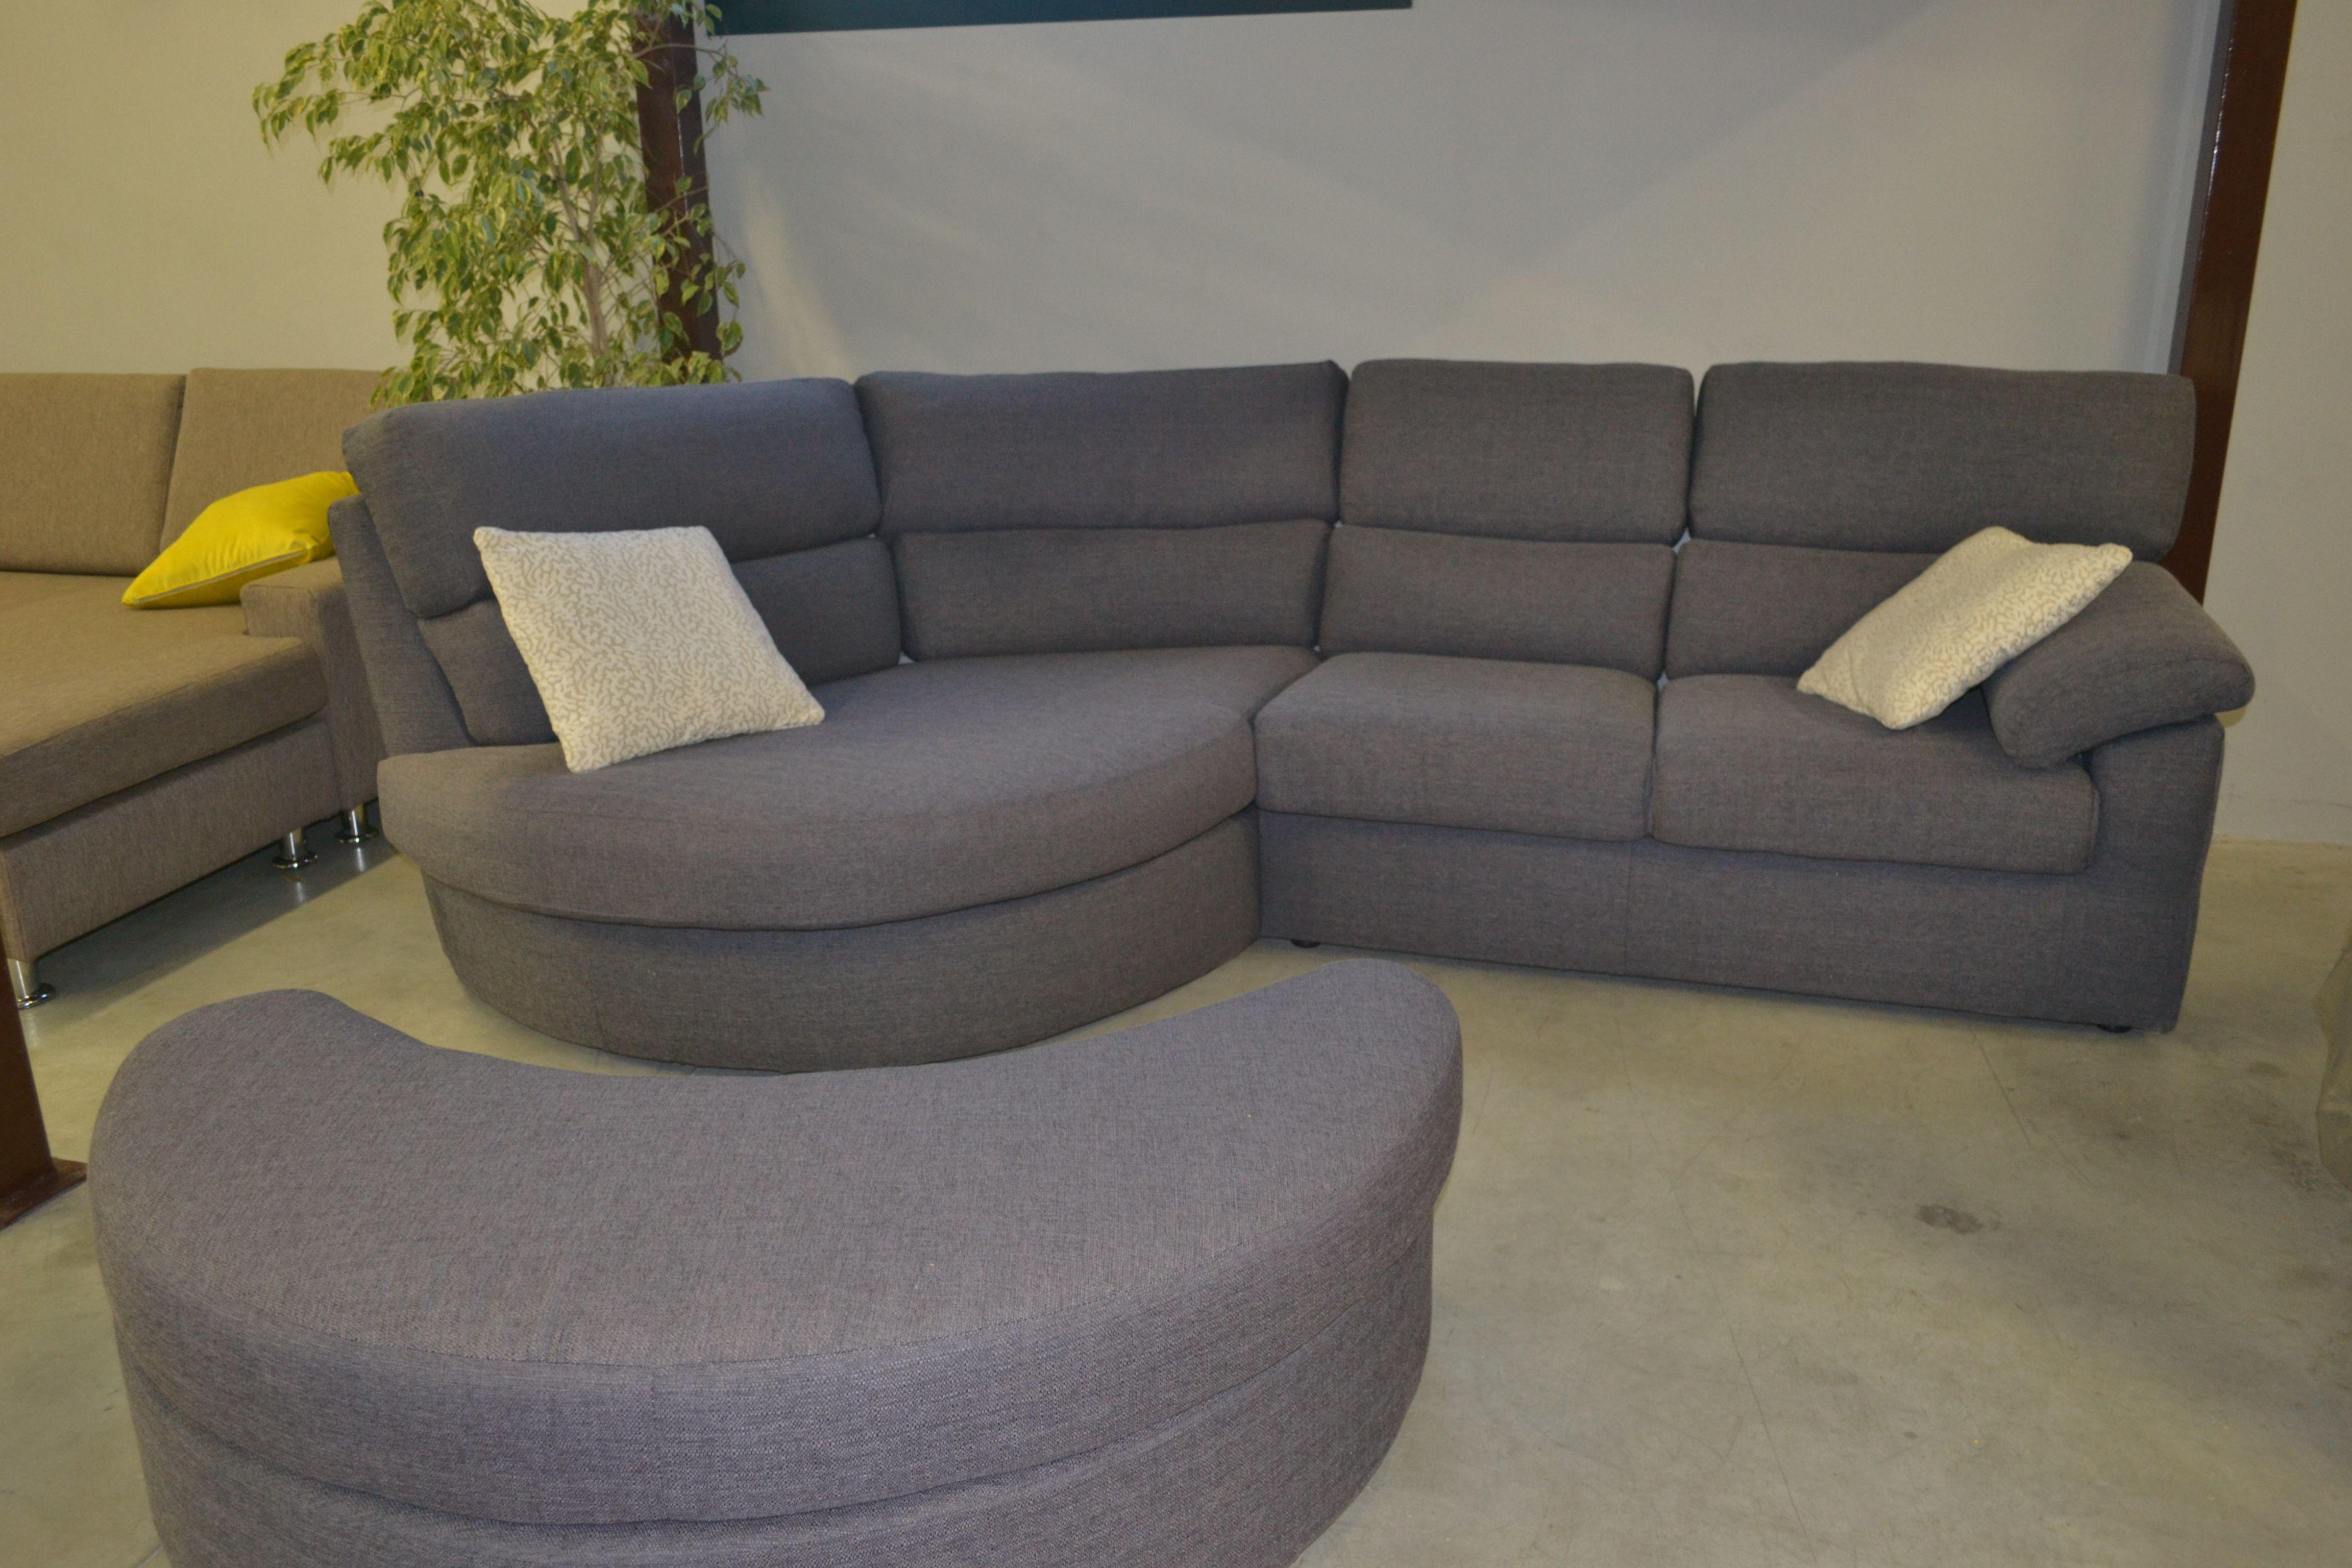 Divano ad angolo in tessuto con pouf a semi luna movibile divano